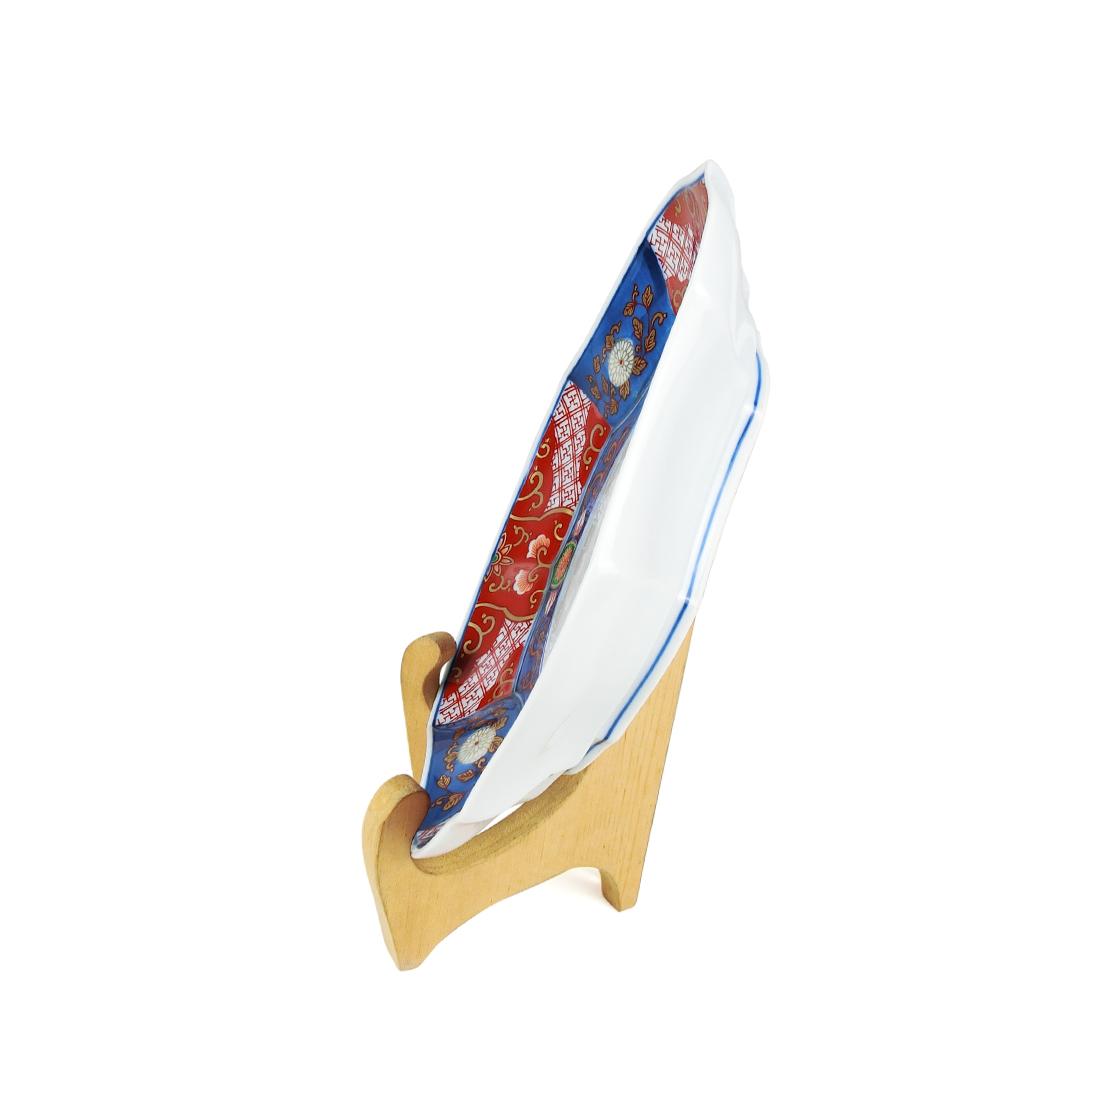 Dĩa Sứ Ngũ Sắc Vẽ Vàng Có Triện - Nhật - 22 x 3.5 cm - 533111